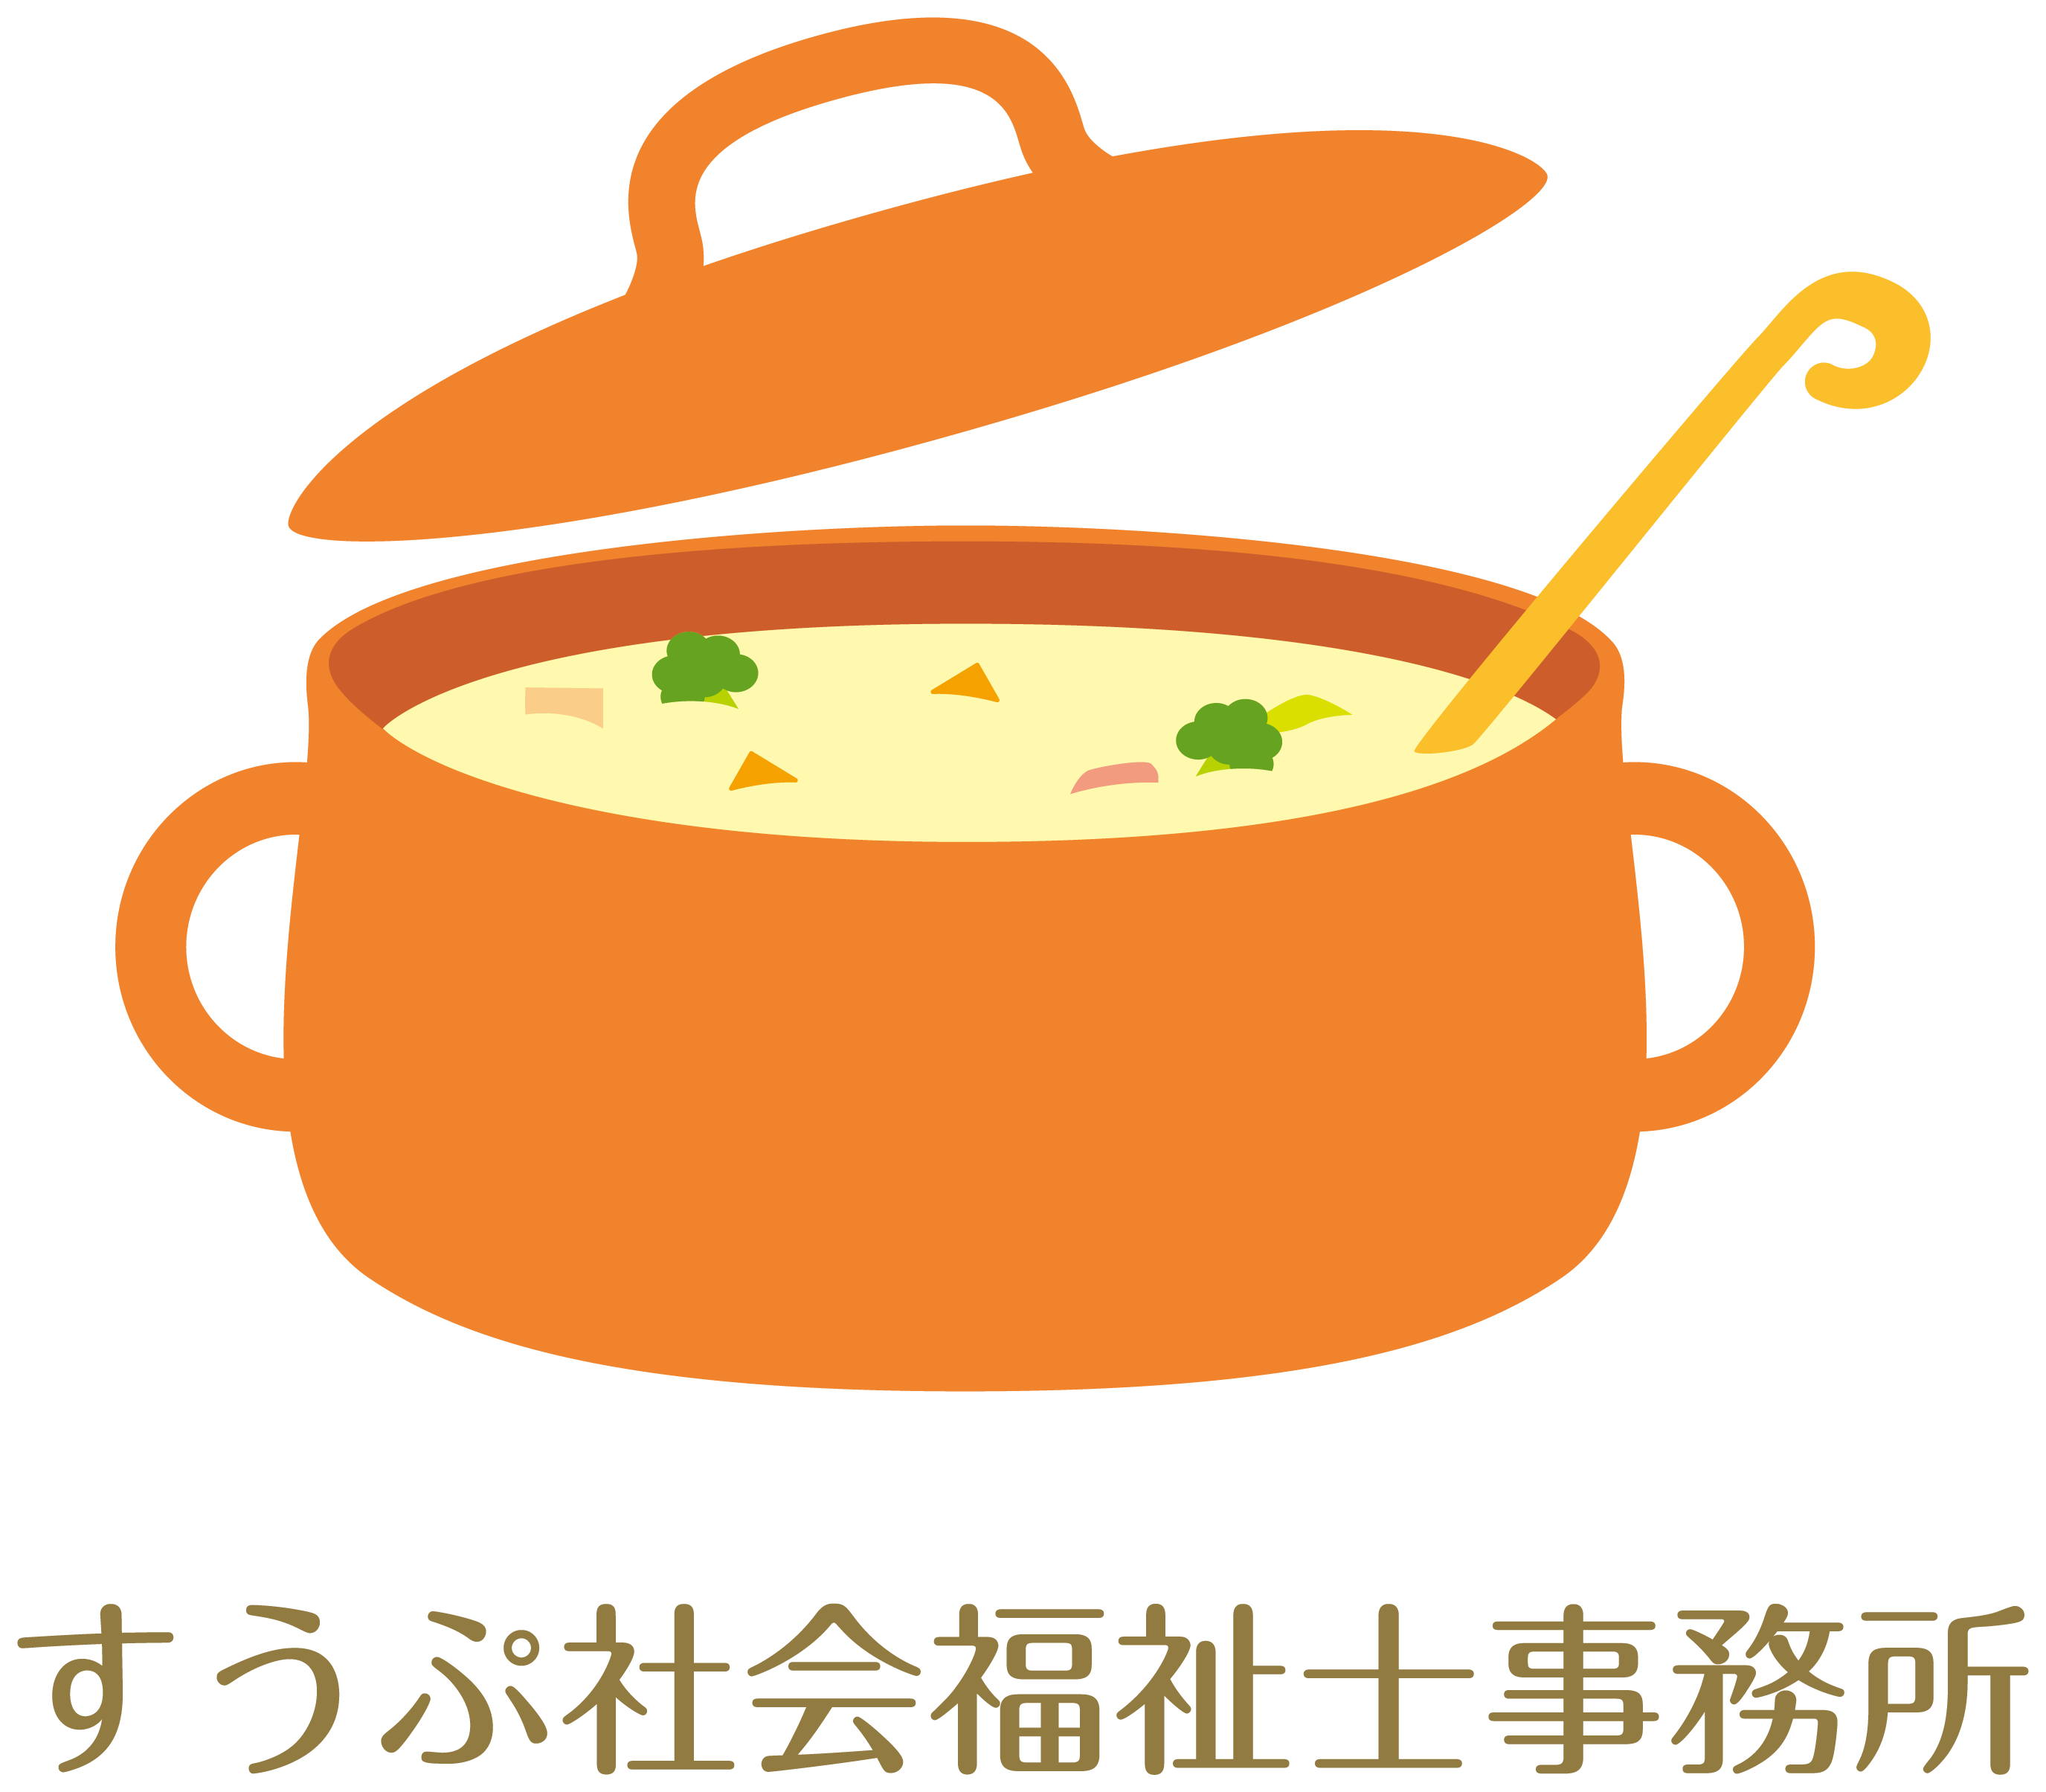 介護/福祉と親しみ/優しいとオレンジのロゴ